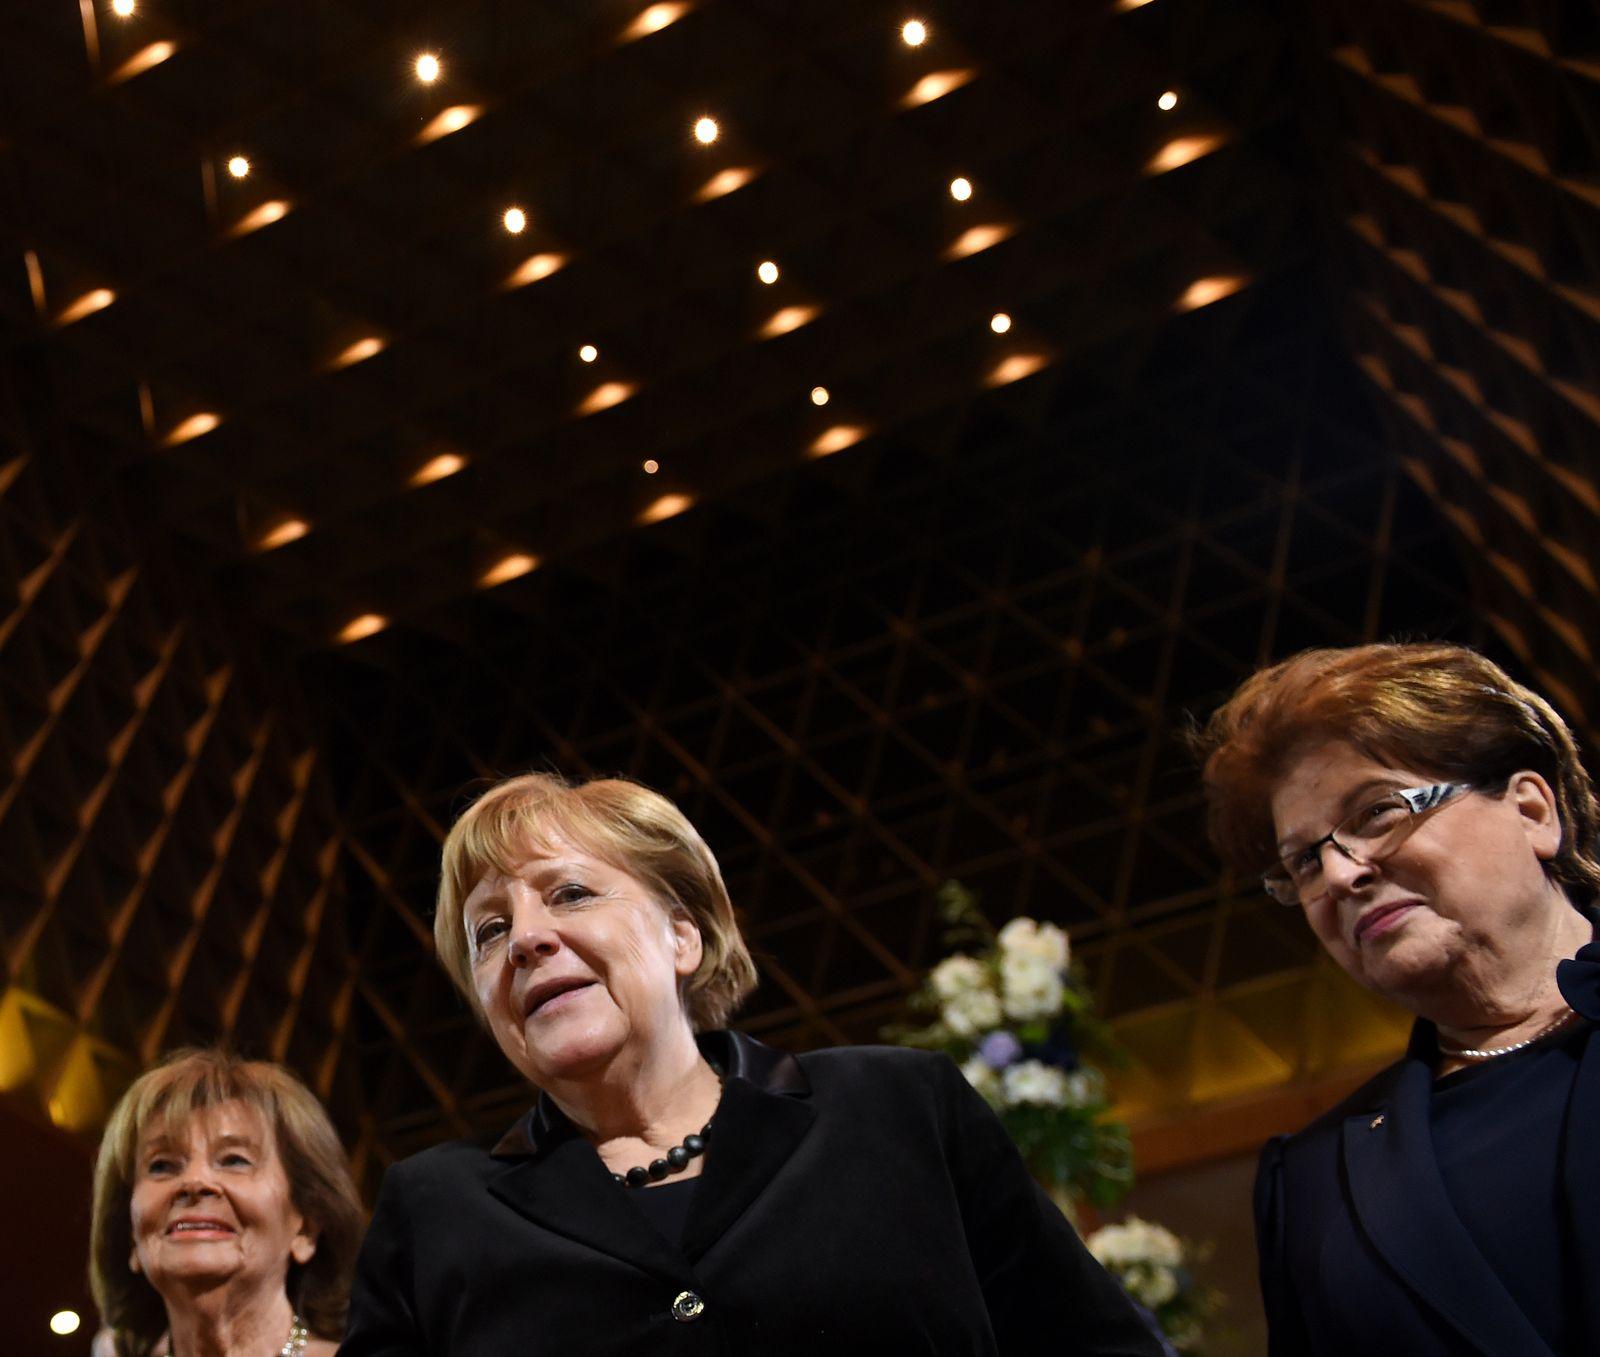 Angela Merkel Charlotte Knobloch Barbara Stamm